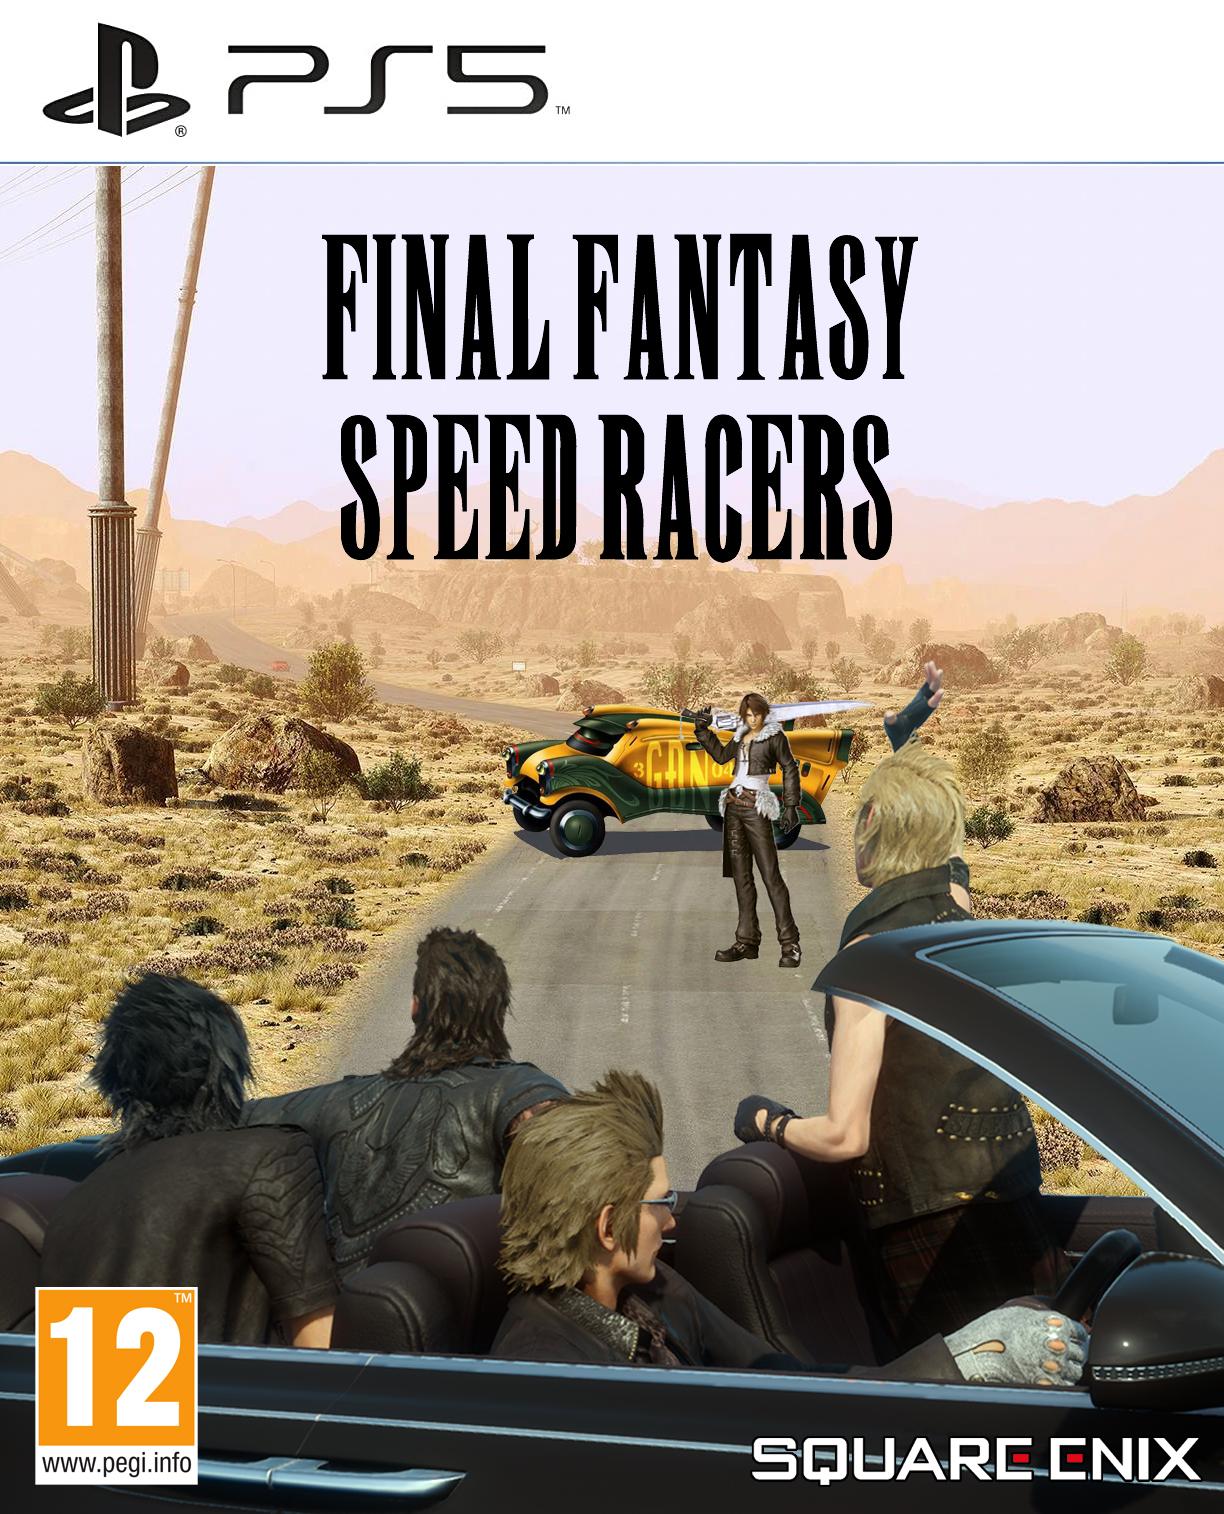 FF SPEED RACERS.JPG